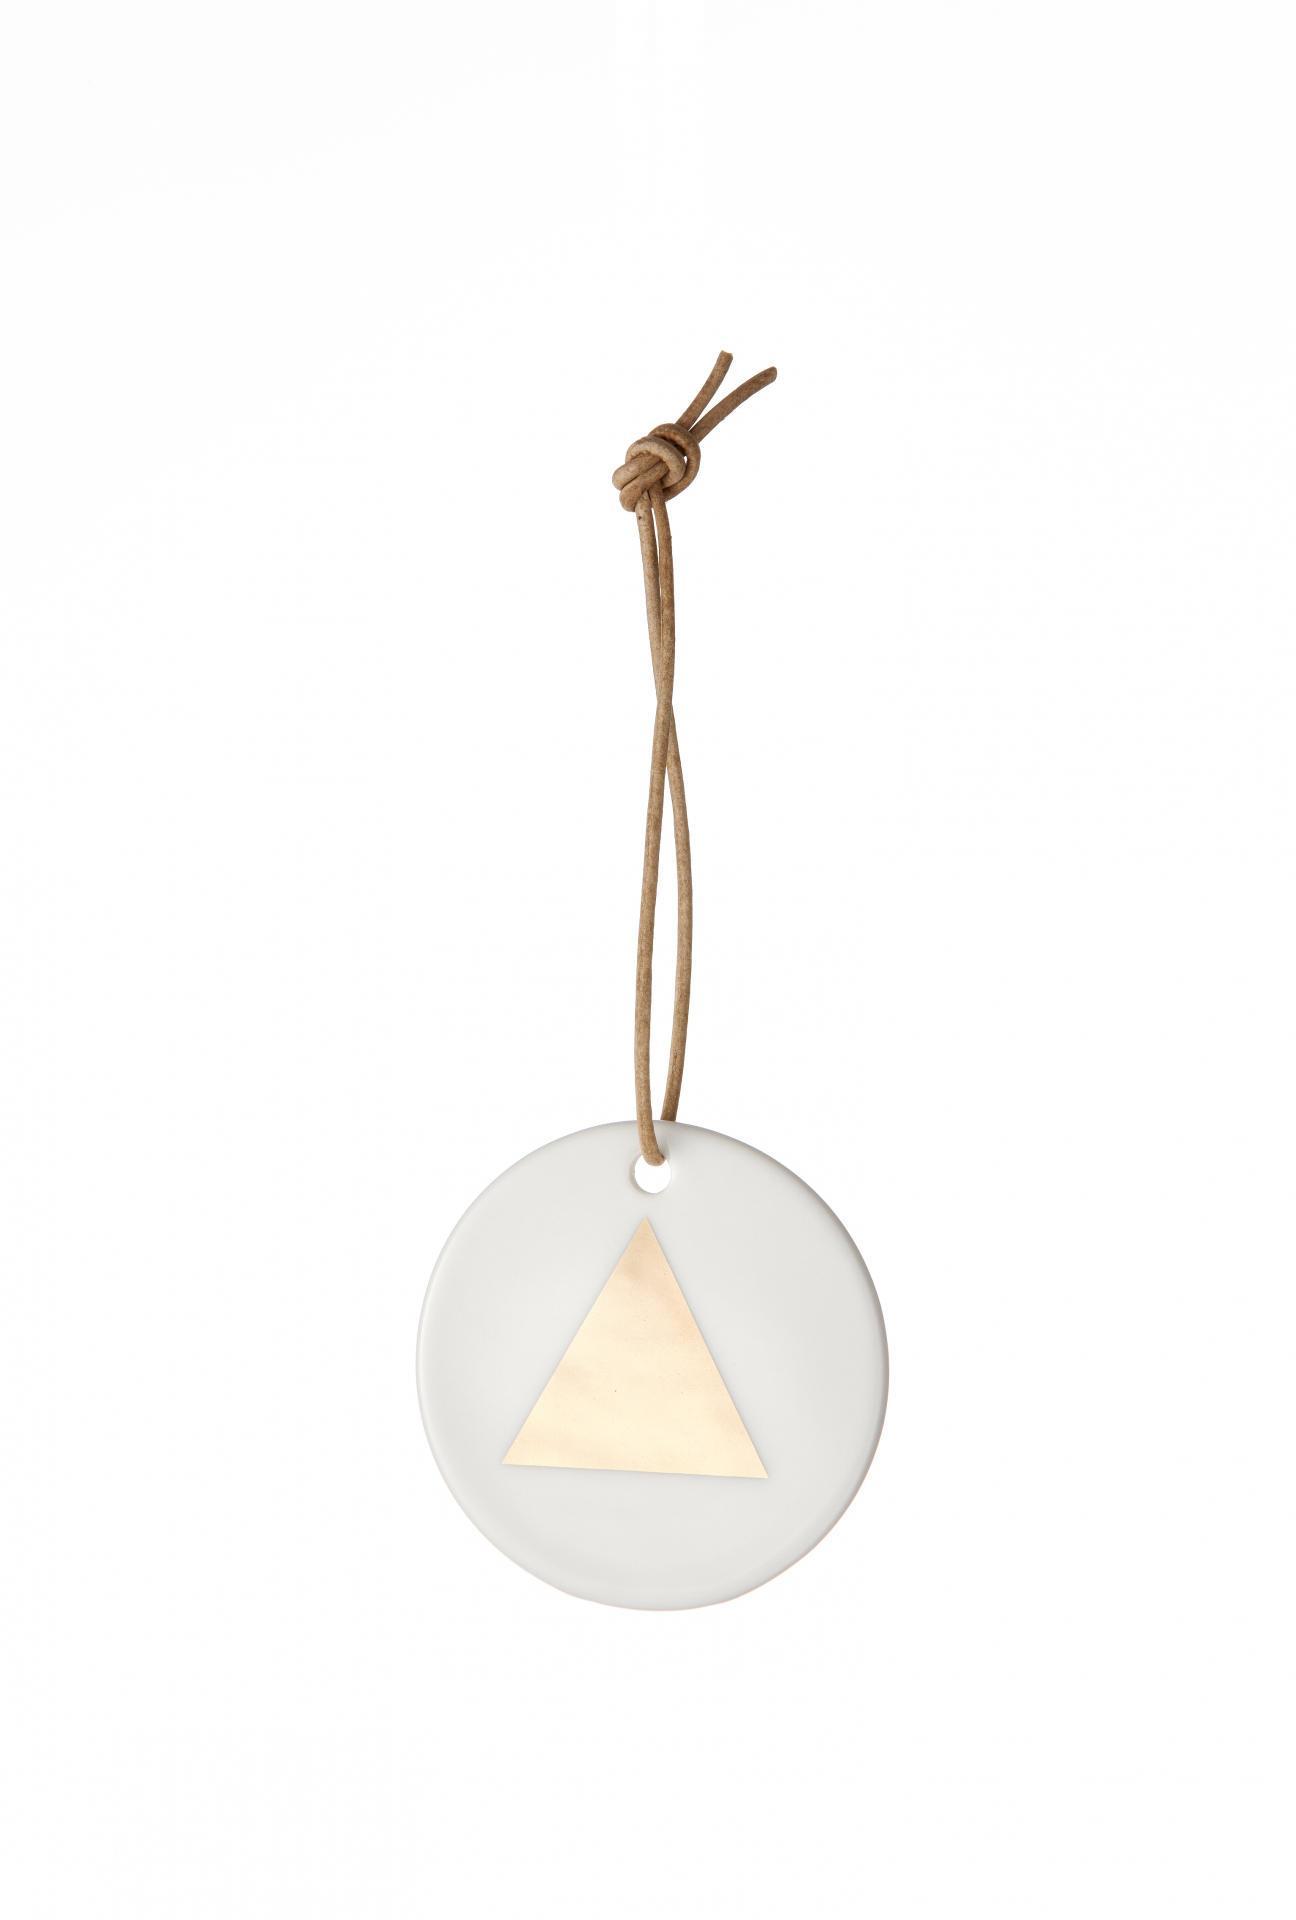 ferm LIVING Porcelánová ozdoba Triangle, bílá barva, měděná barva, porcelán